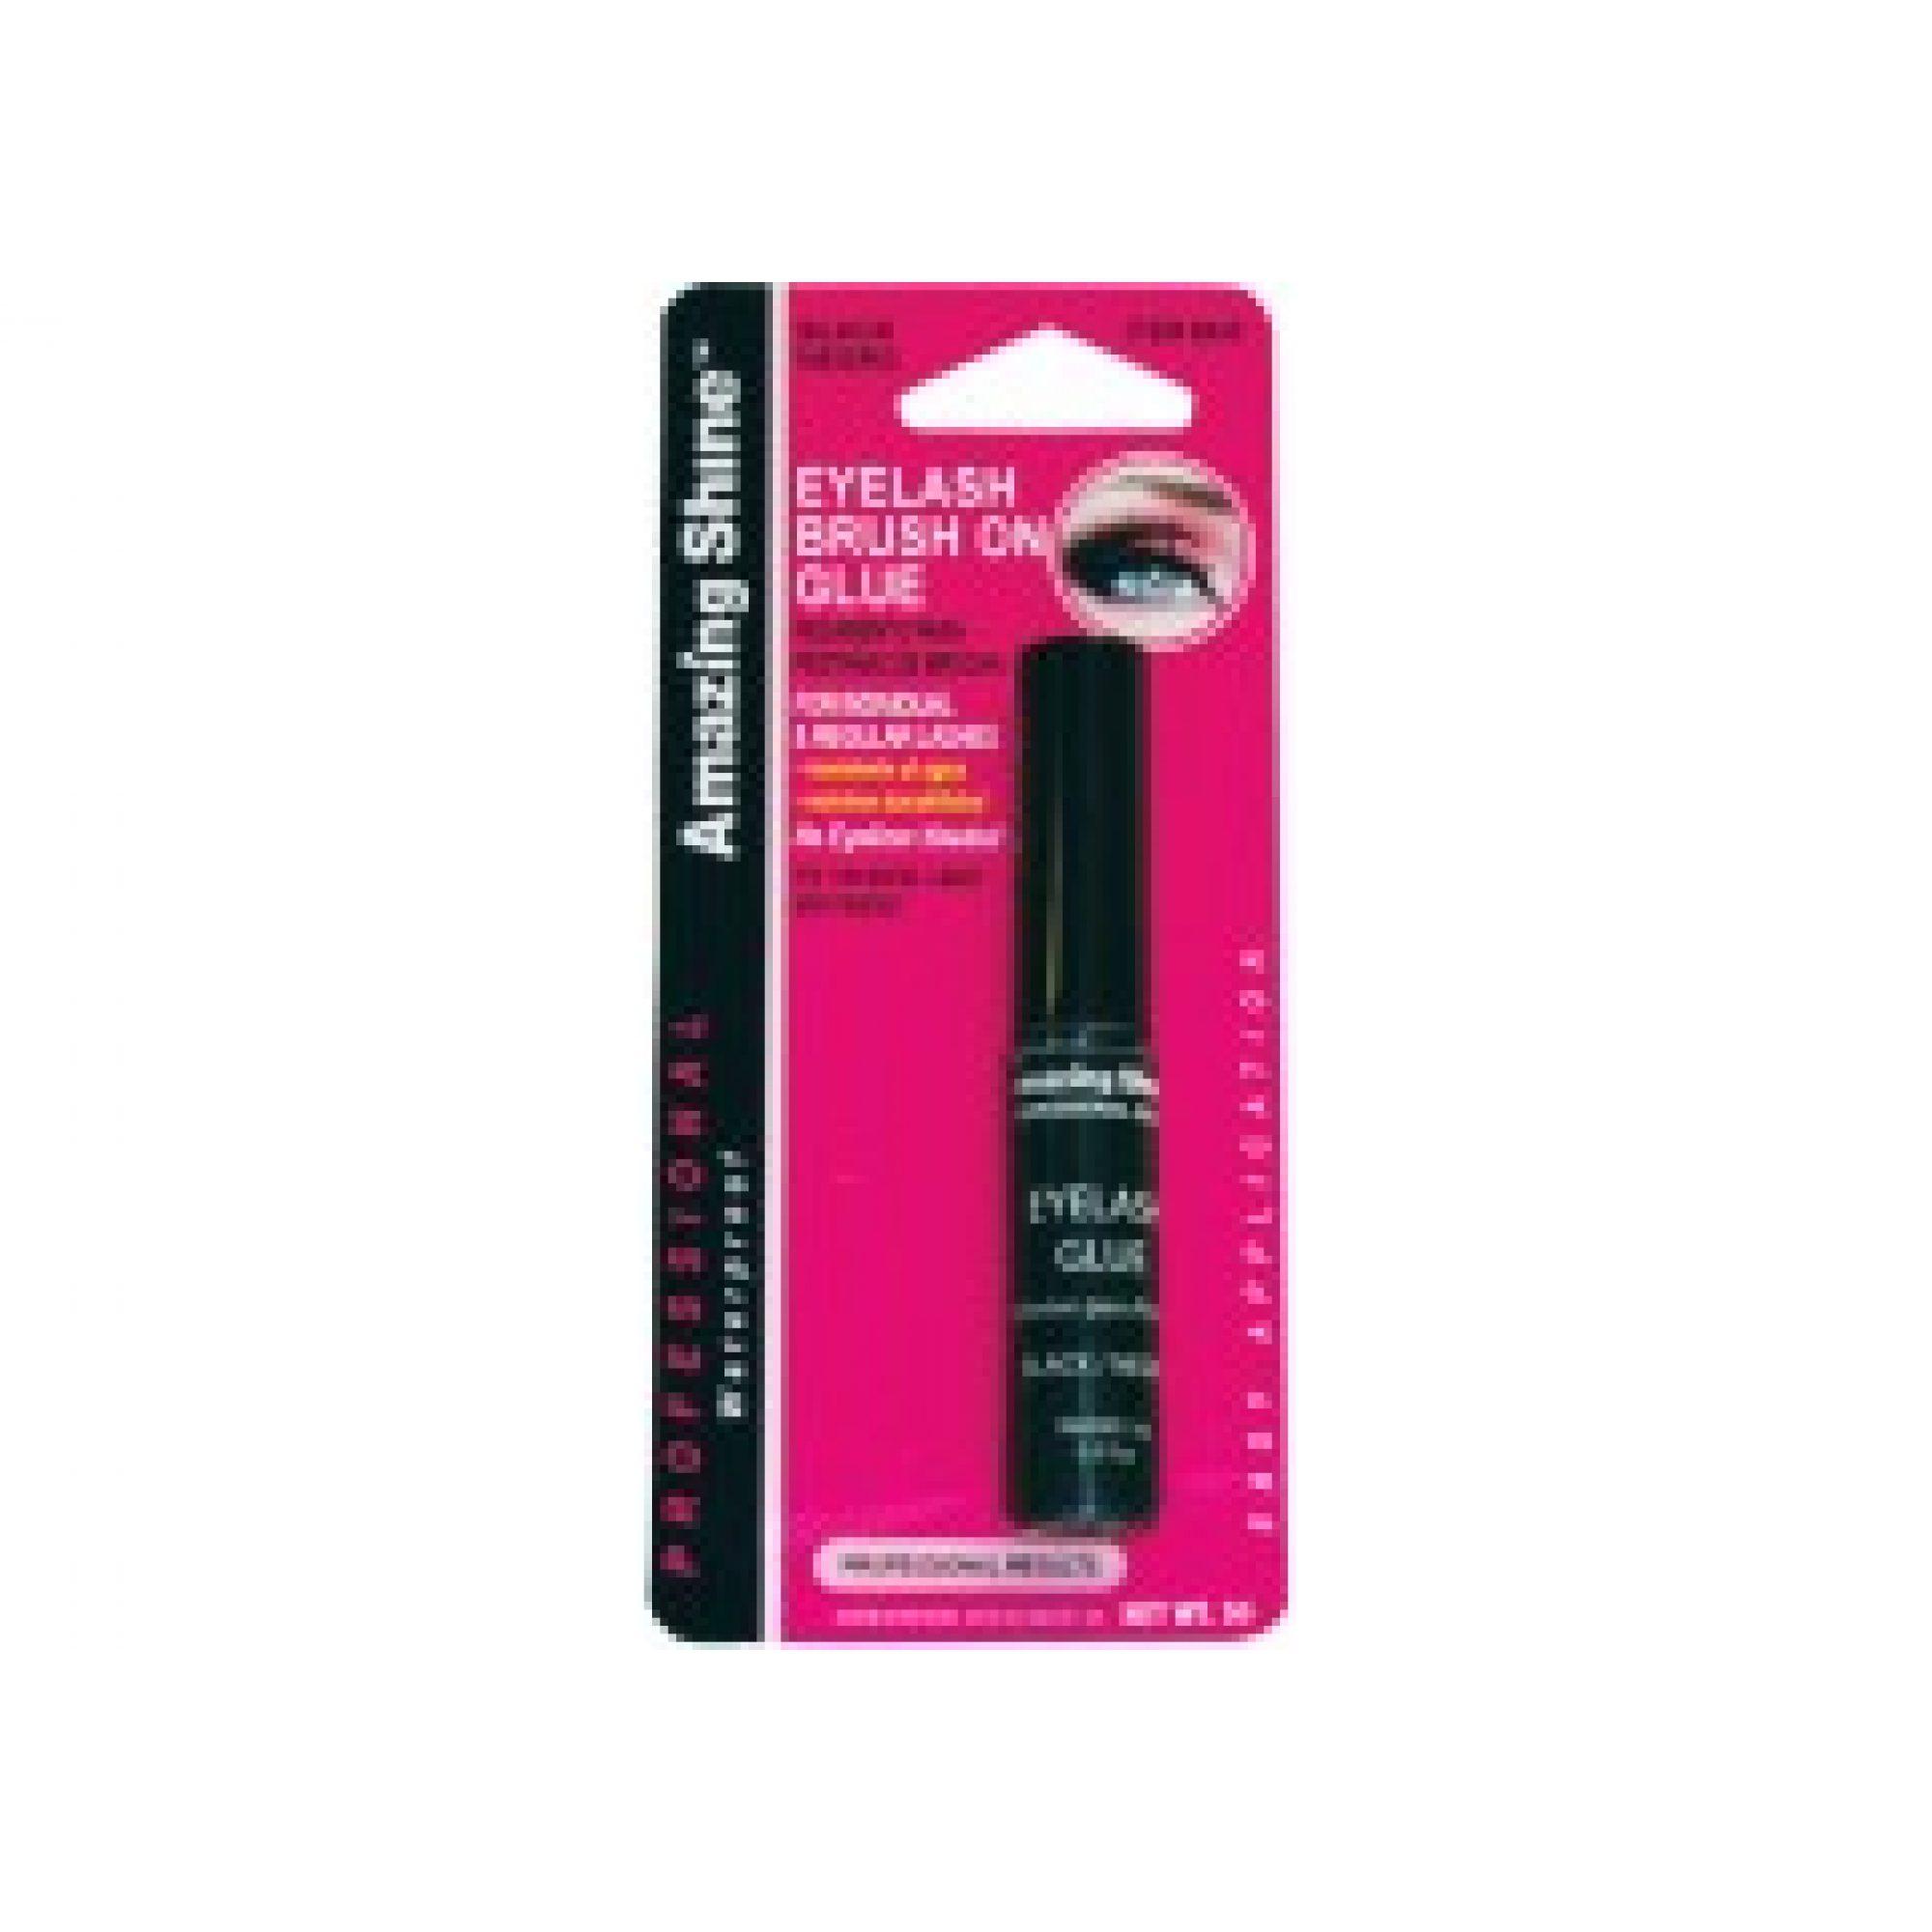 Amazing Shine Brush On Lash Glue Black Just Essentials